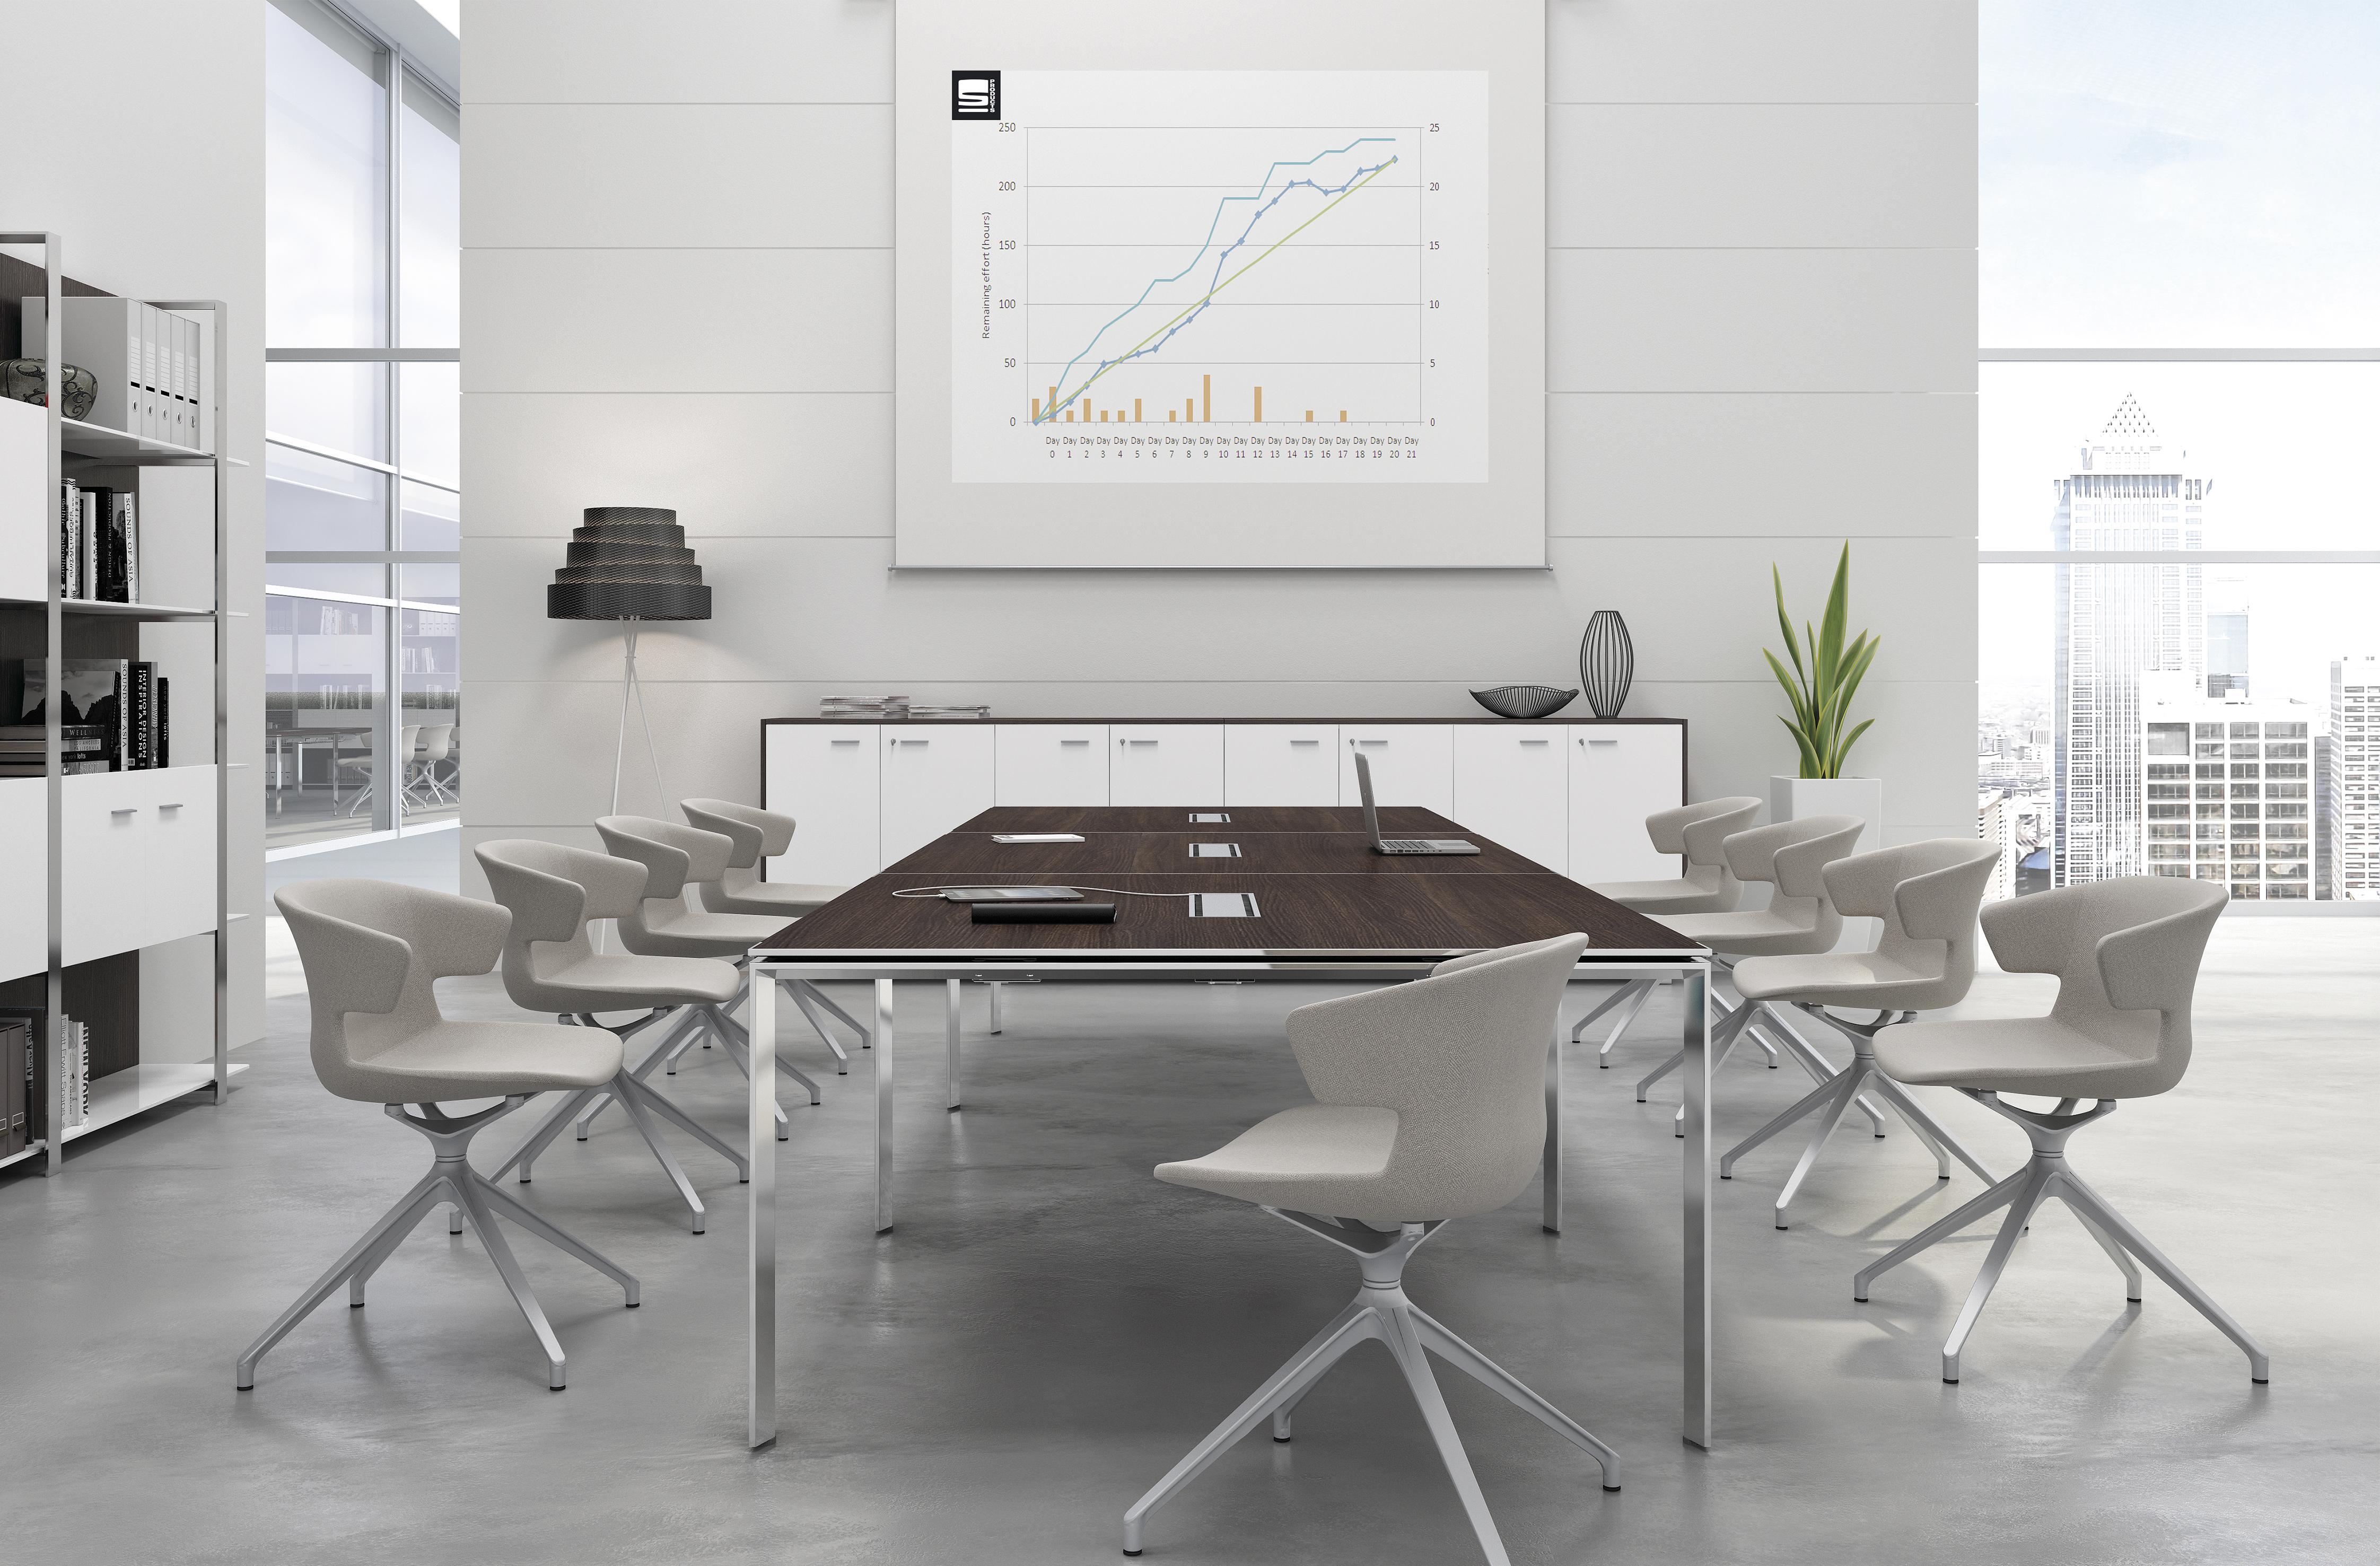 Pluz kantoor en inrichting - Decoratie kantoor ...